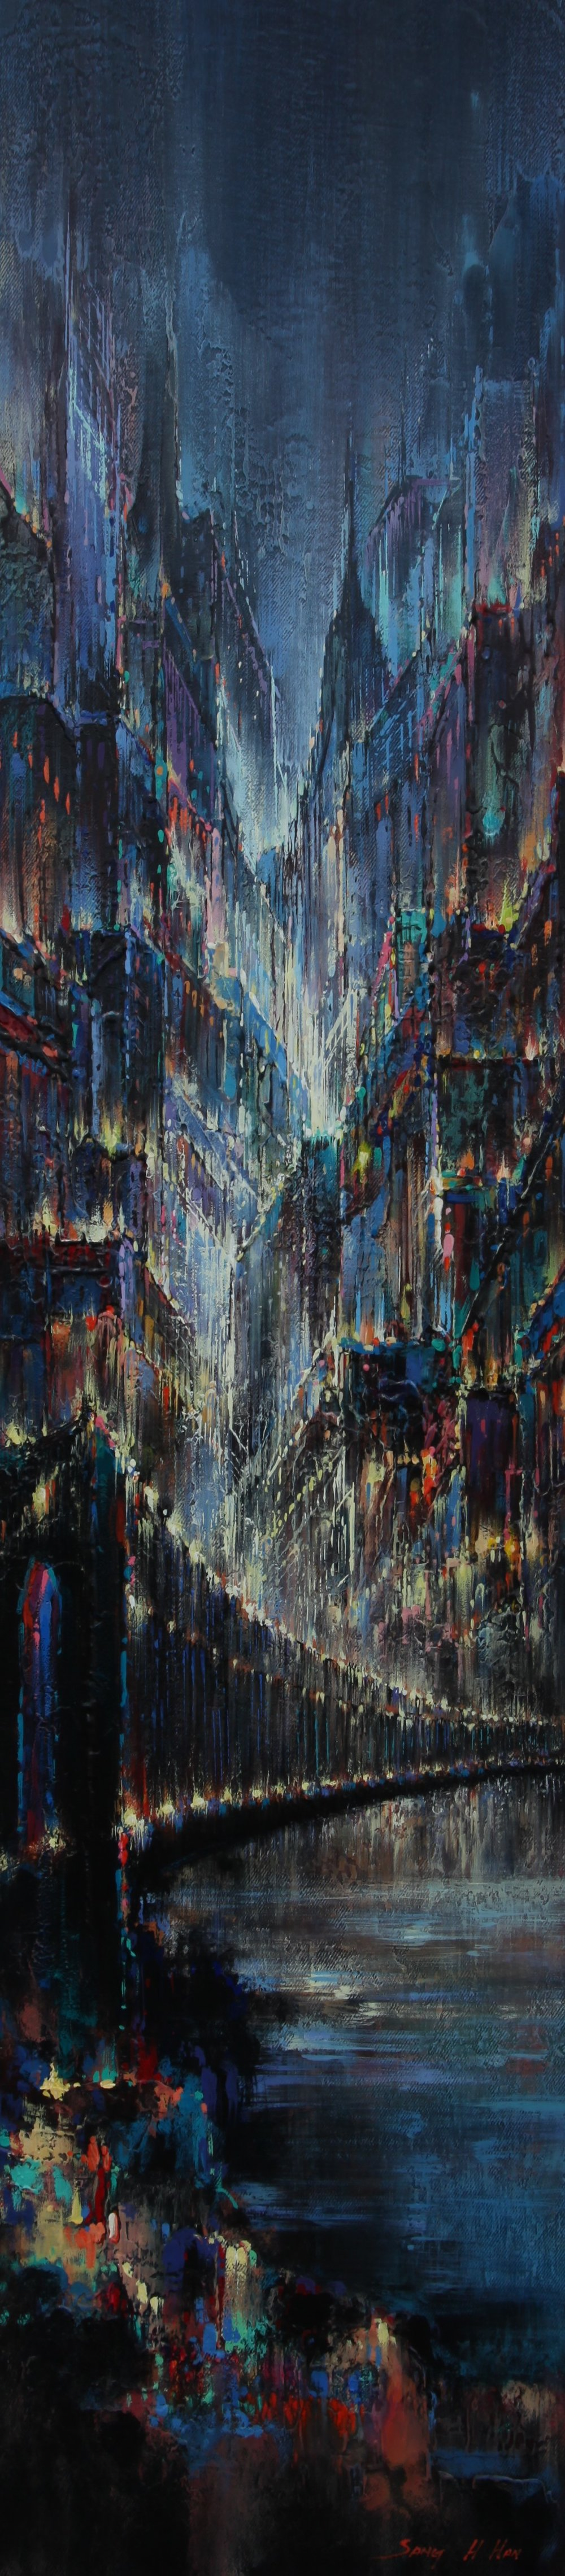 Urban Majesty.jpg